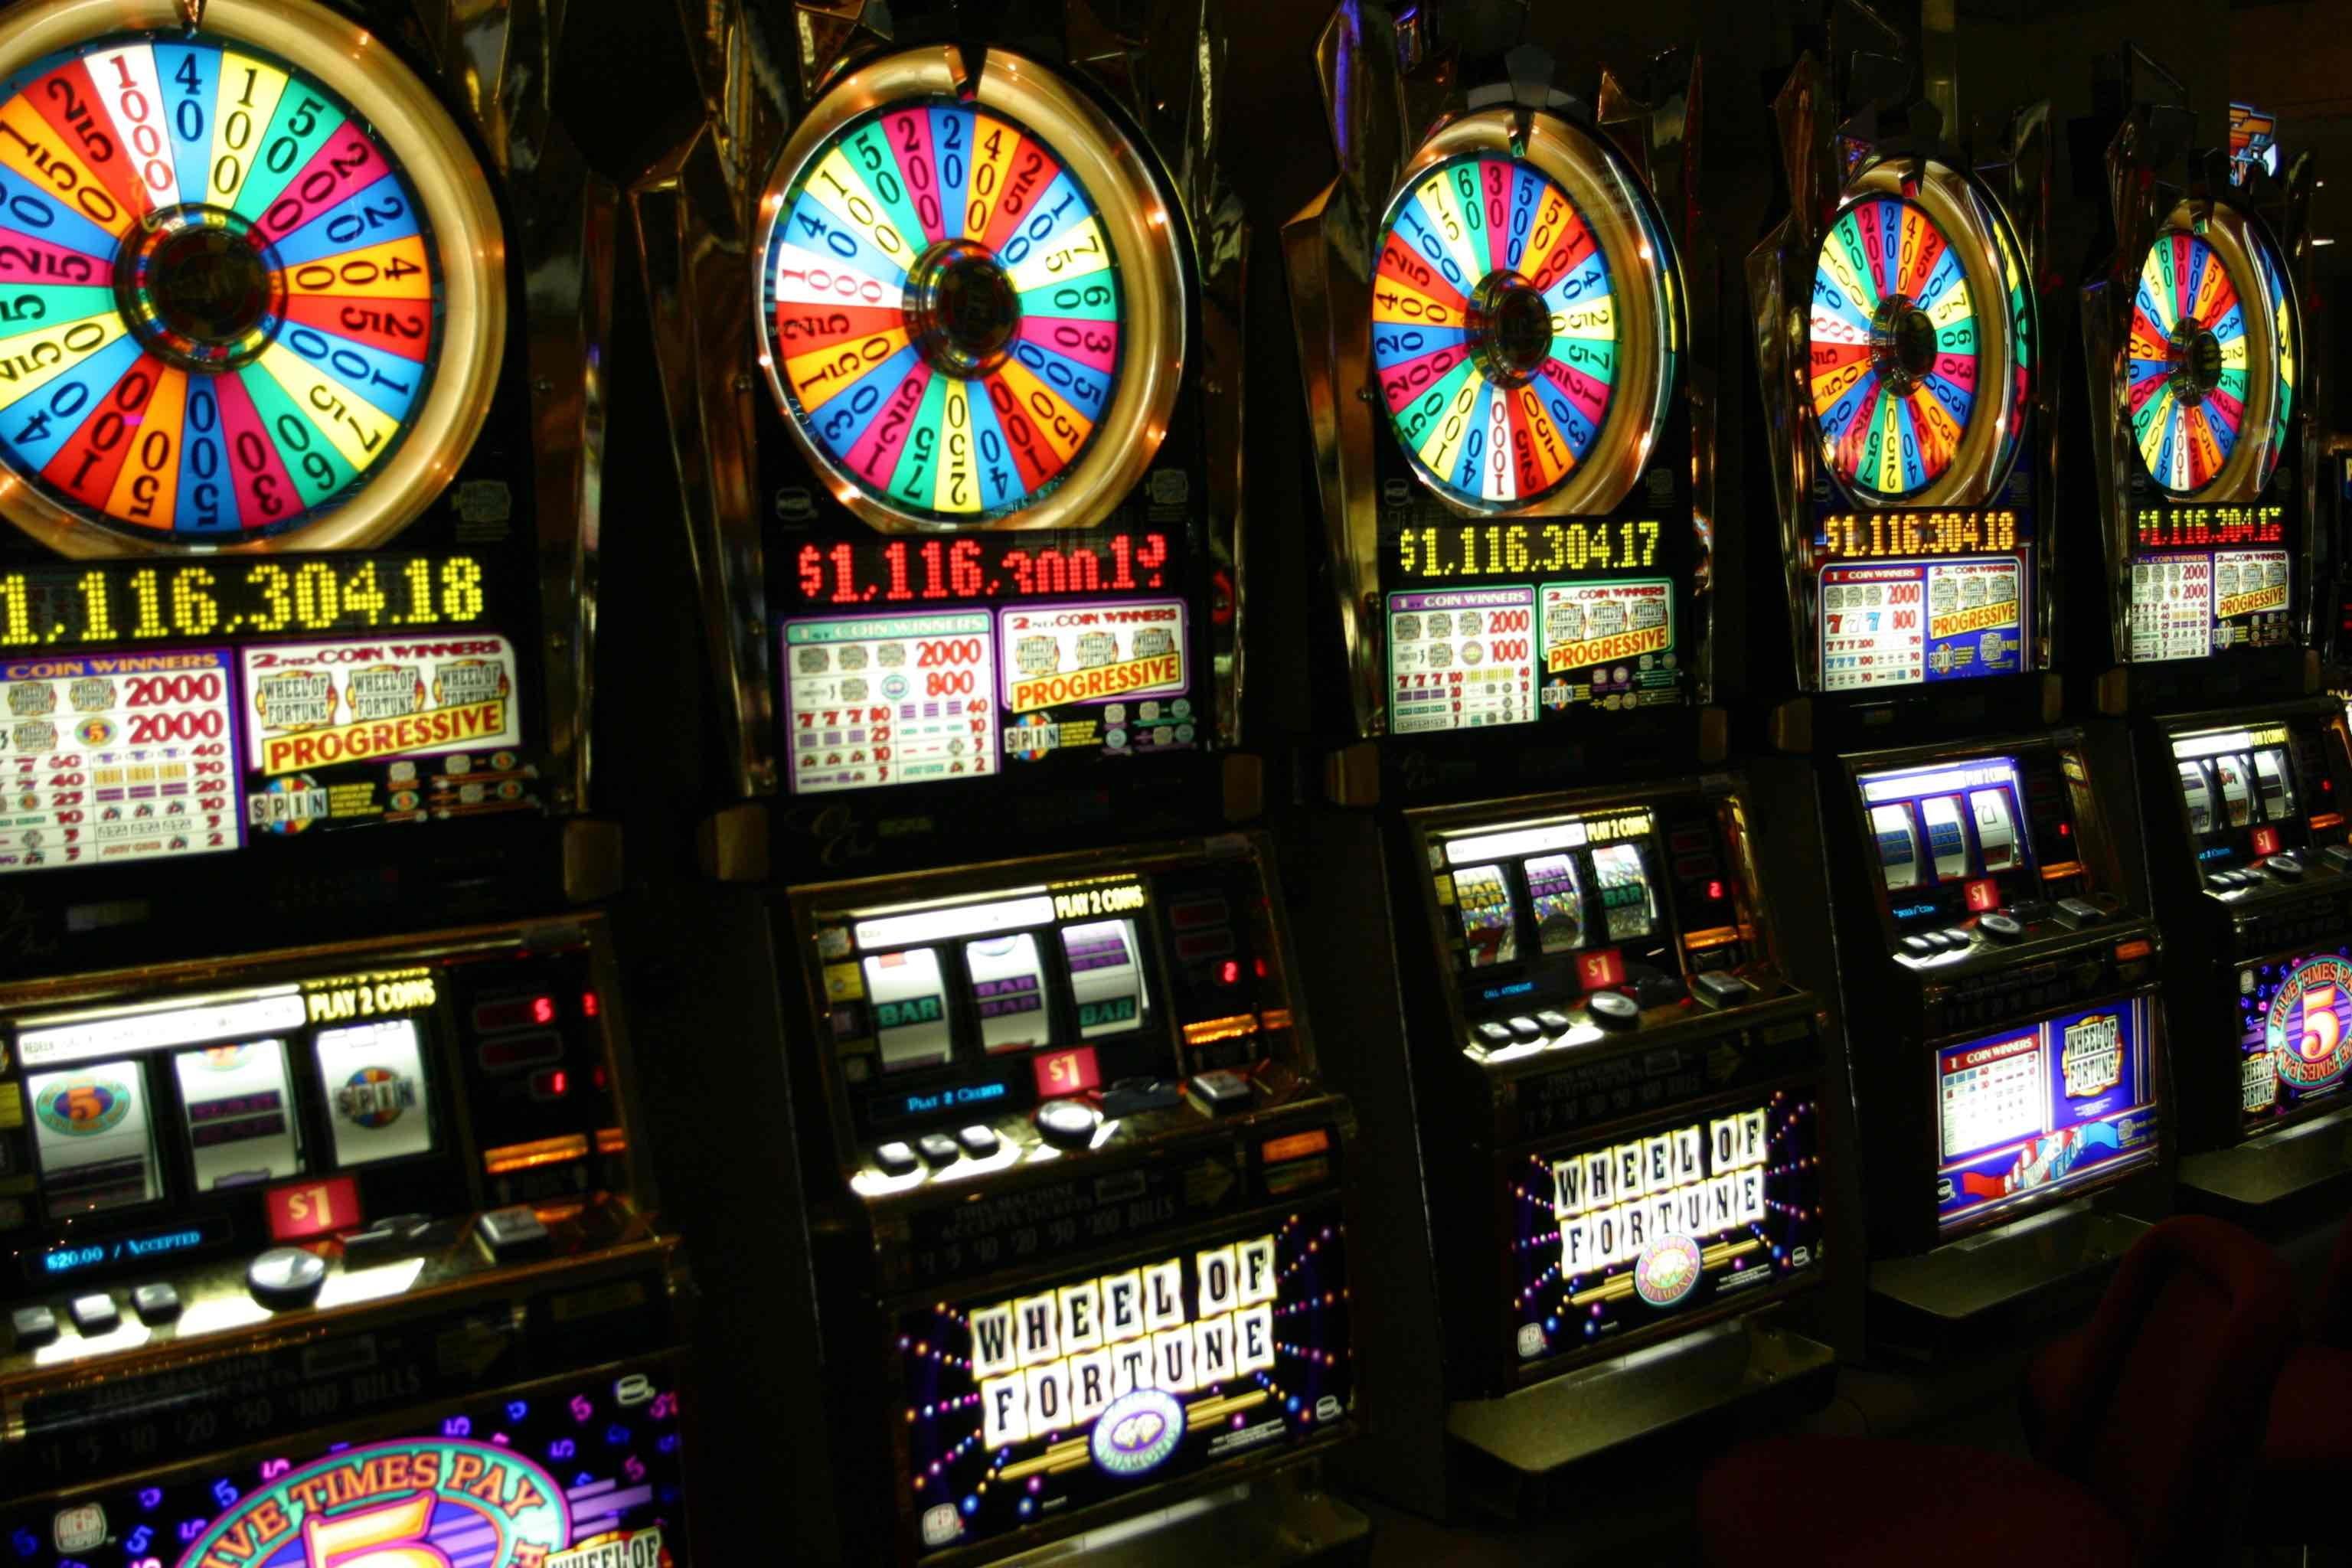 € 215 kasino chip dina bWin